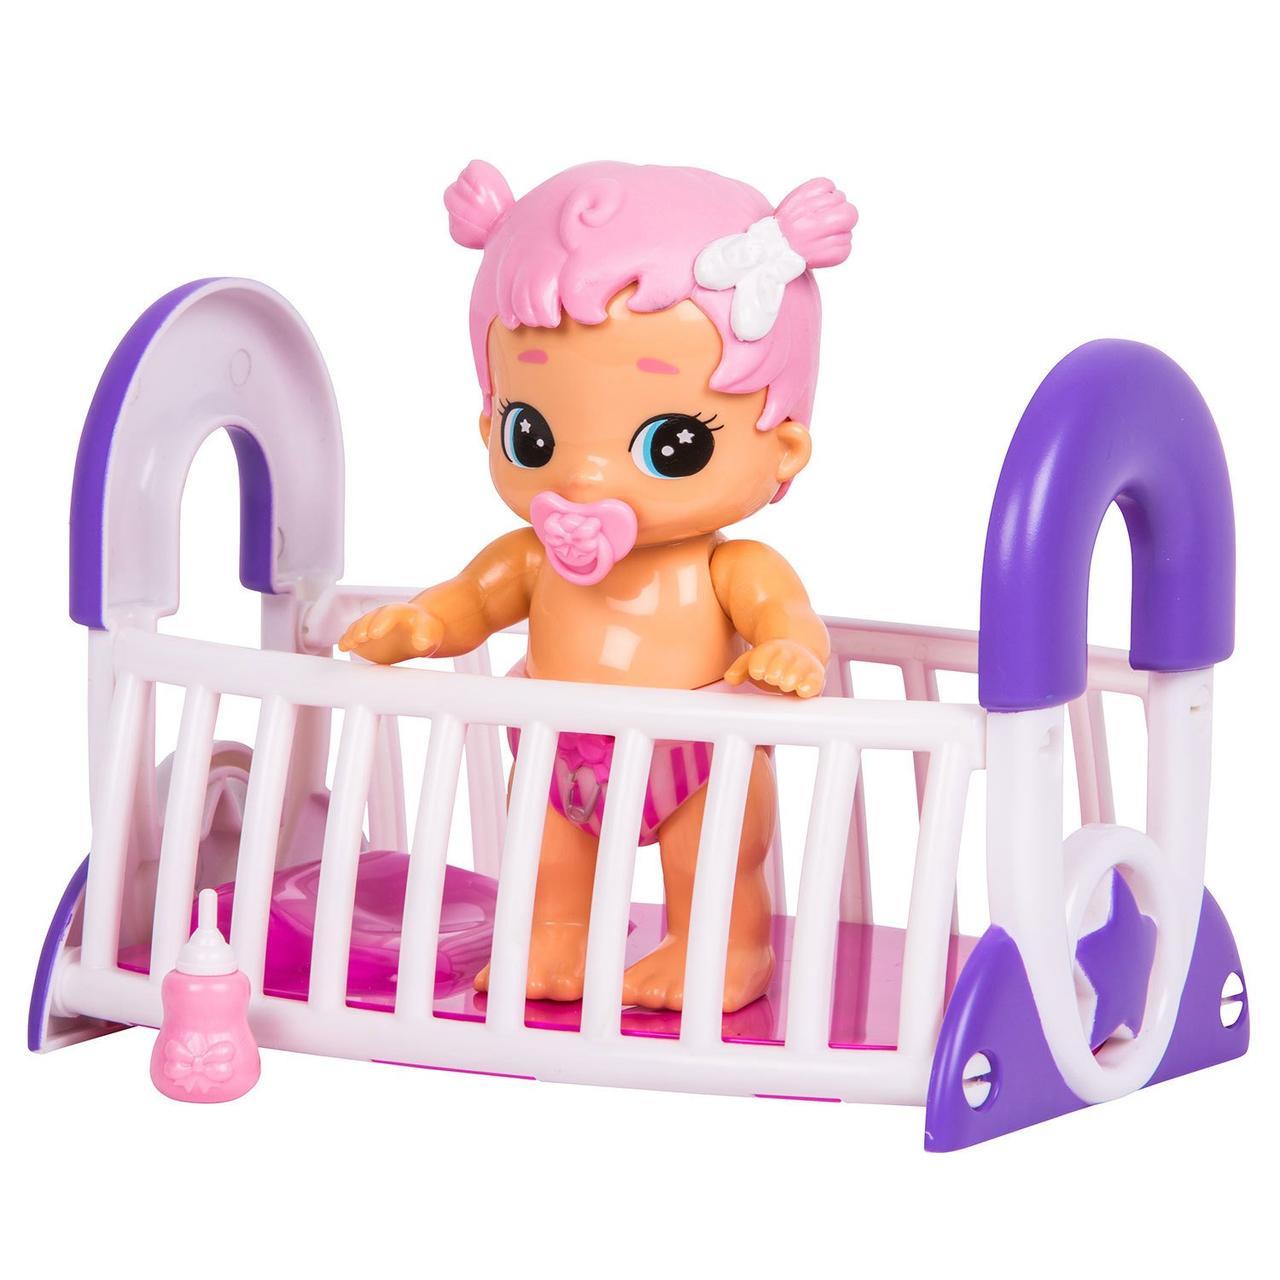 Интерактивная кукла Грейси с кроваткой Bizzy Bubs